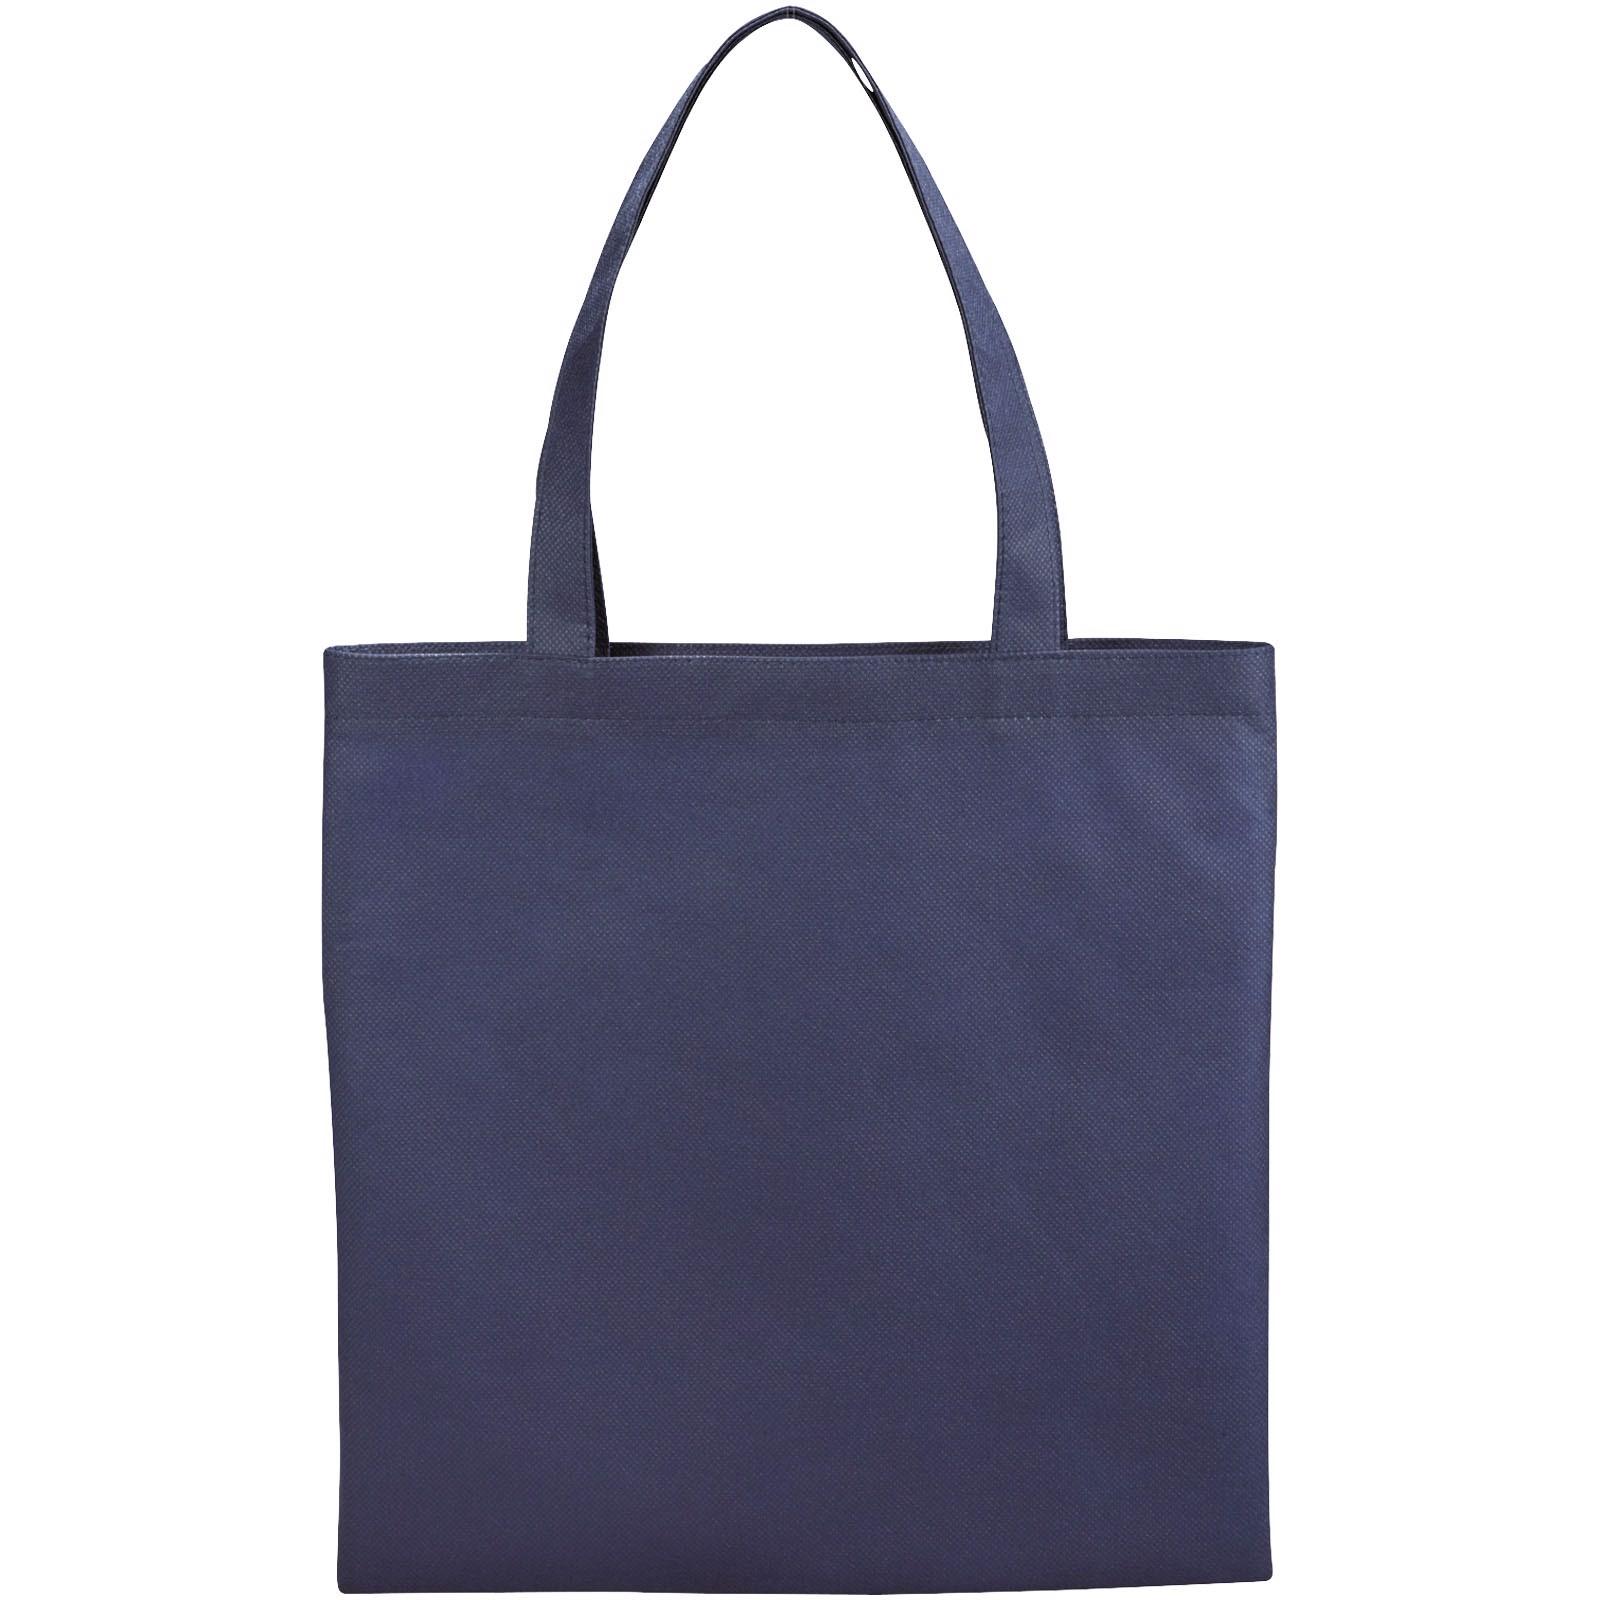 Zeus small non-woven convention tote bag - Navy